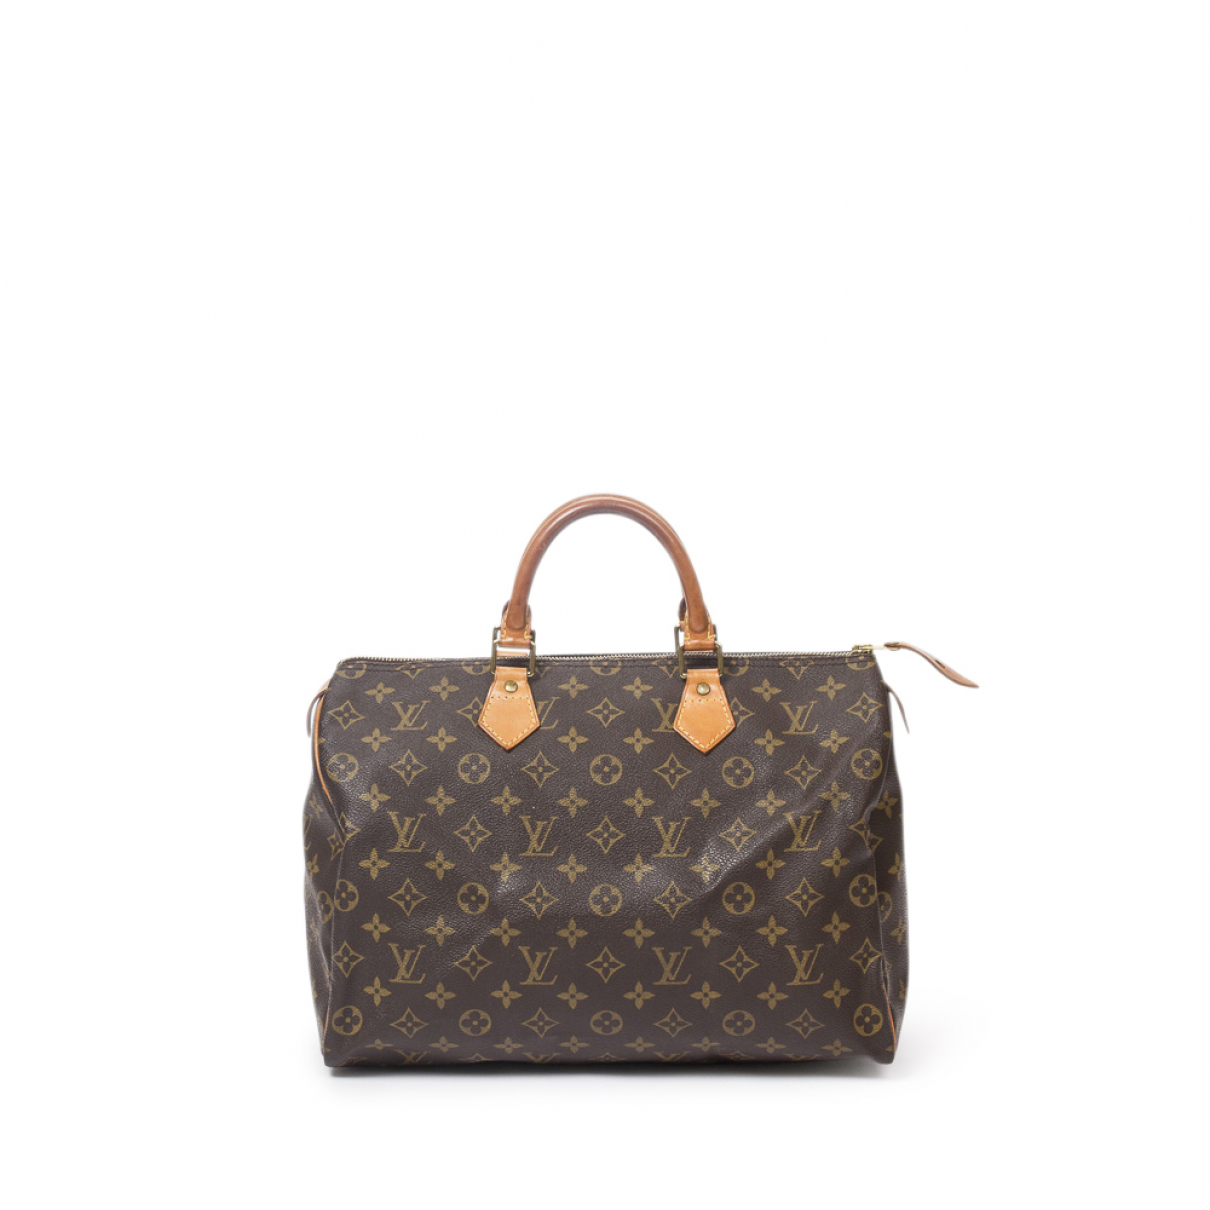 Louis Vuitton Speedy Handtasche in  Braun Baumwolle